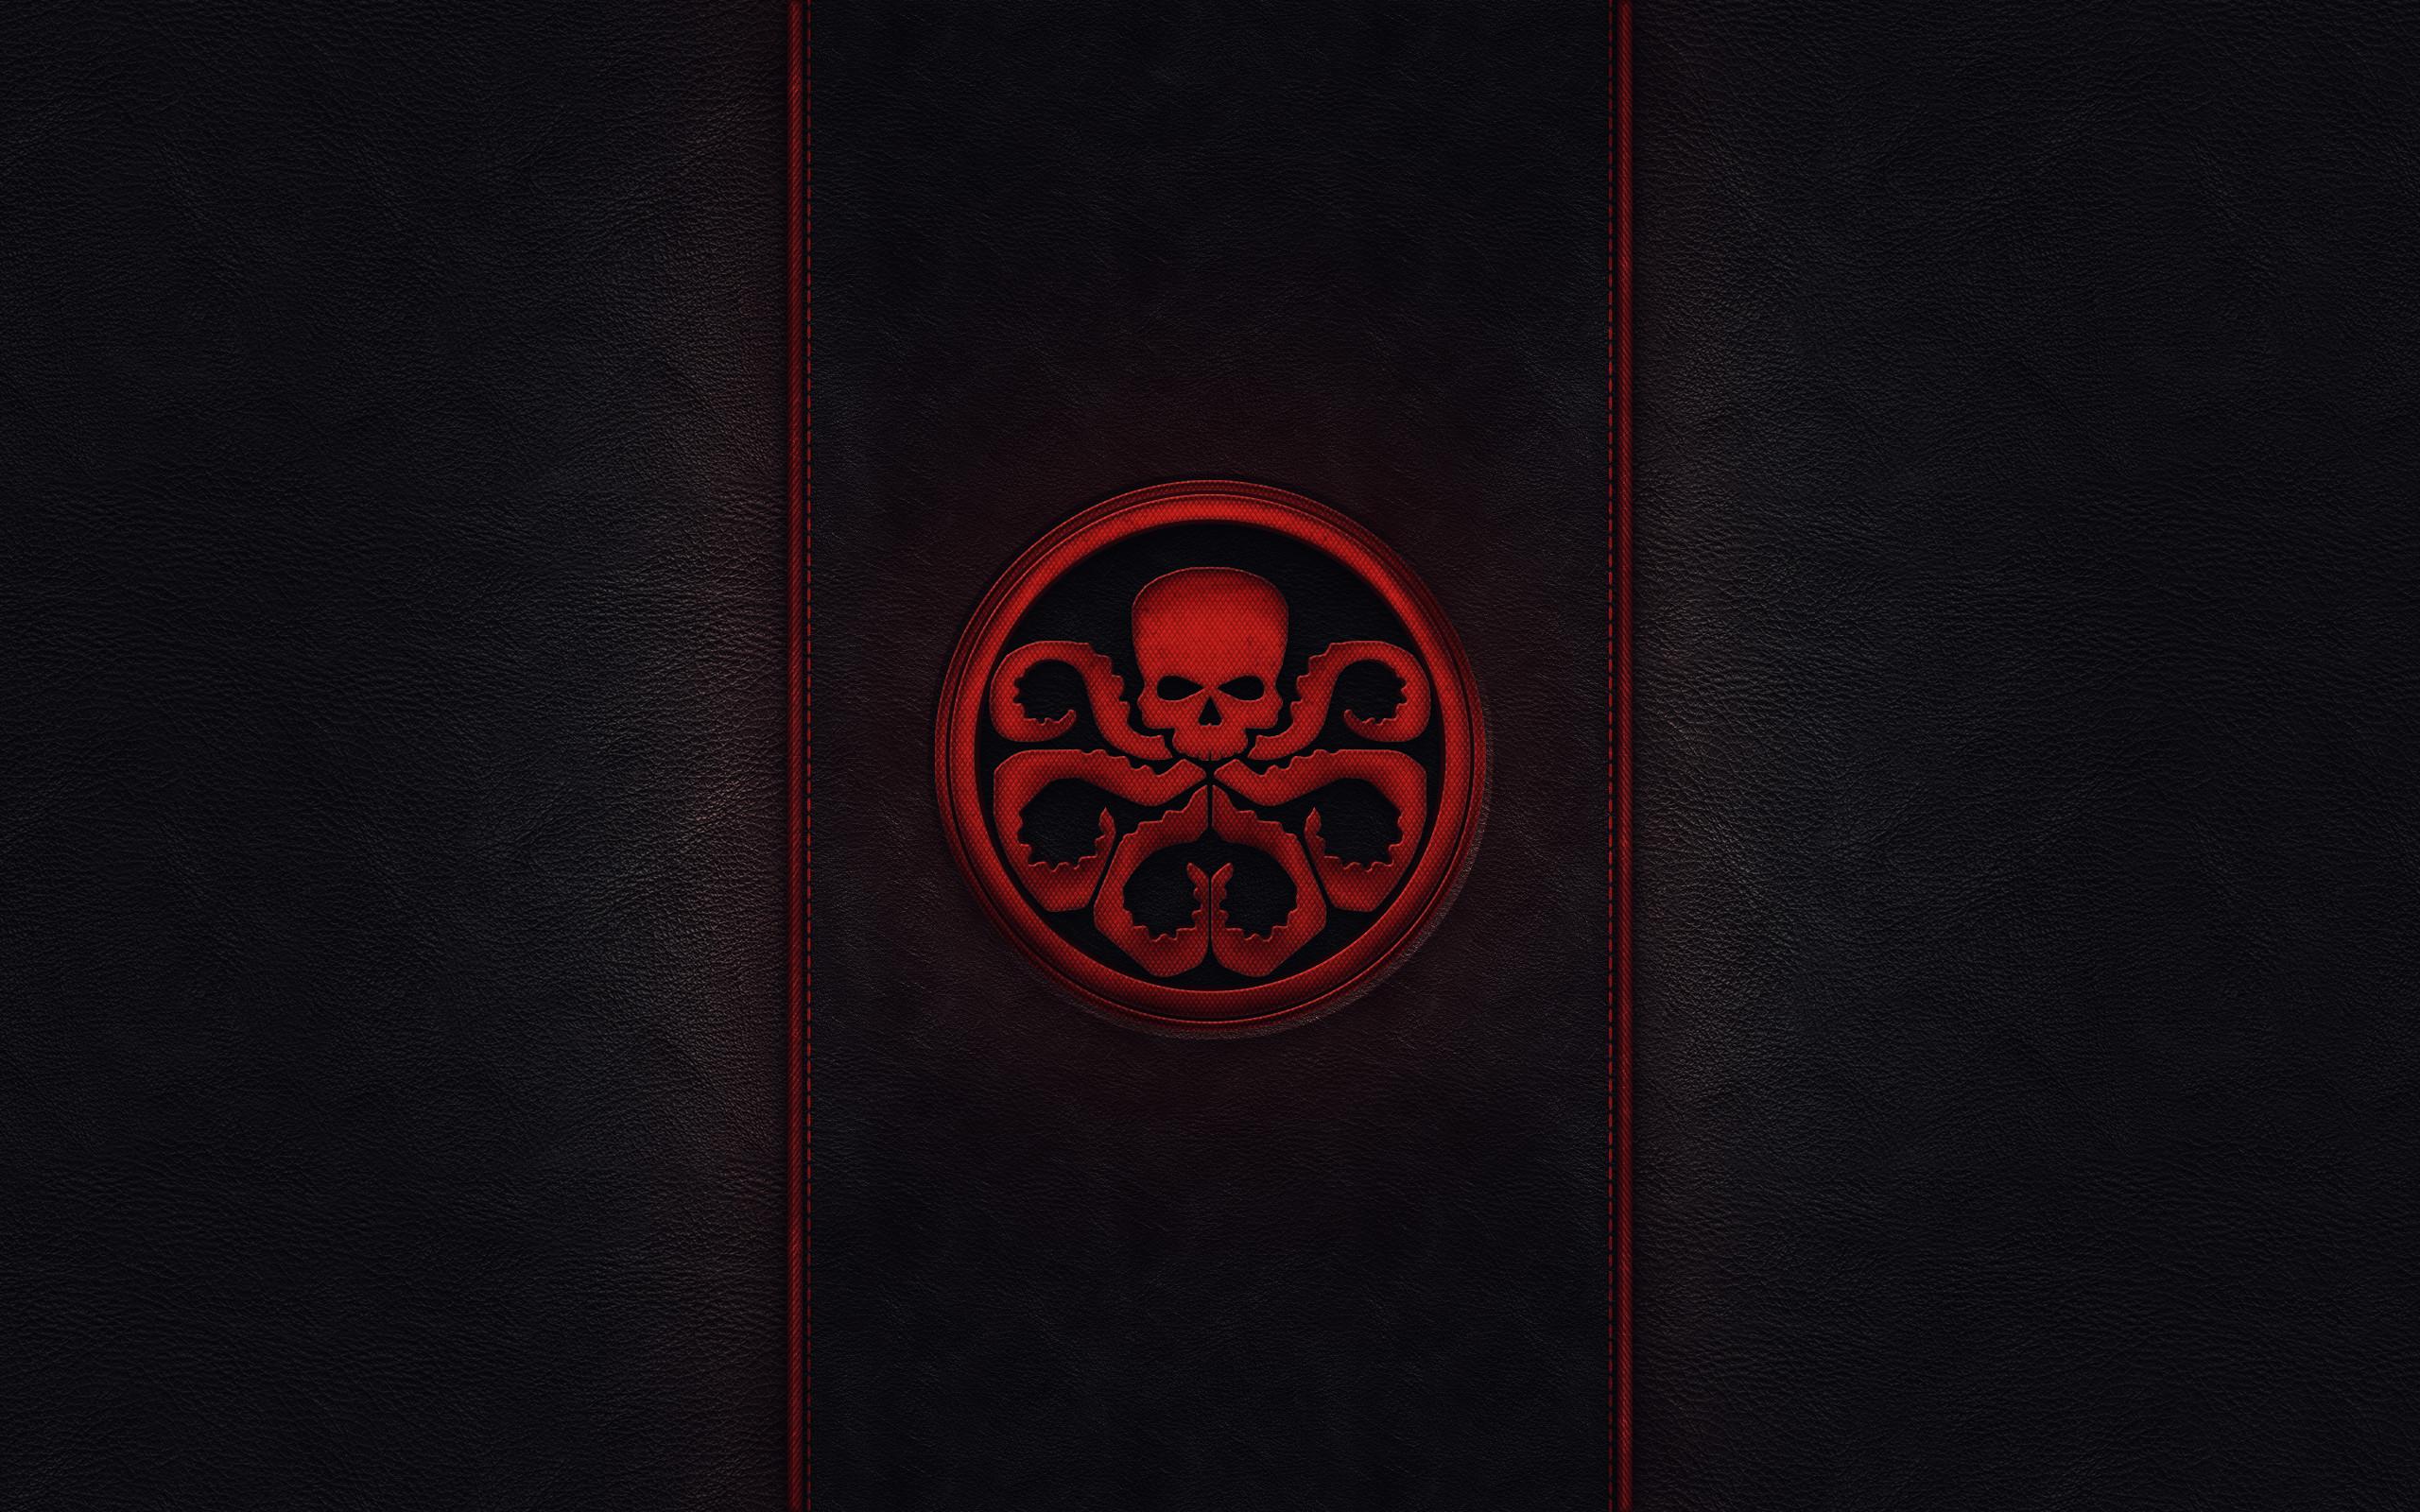 Hydra emblem captain america red skull wallpaper